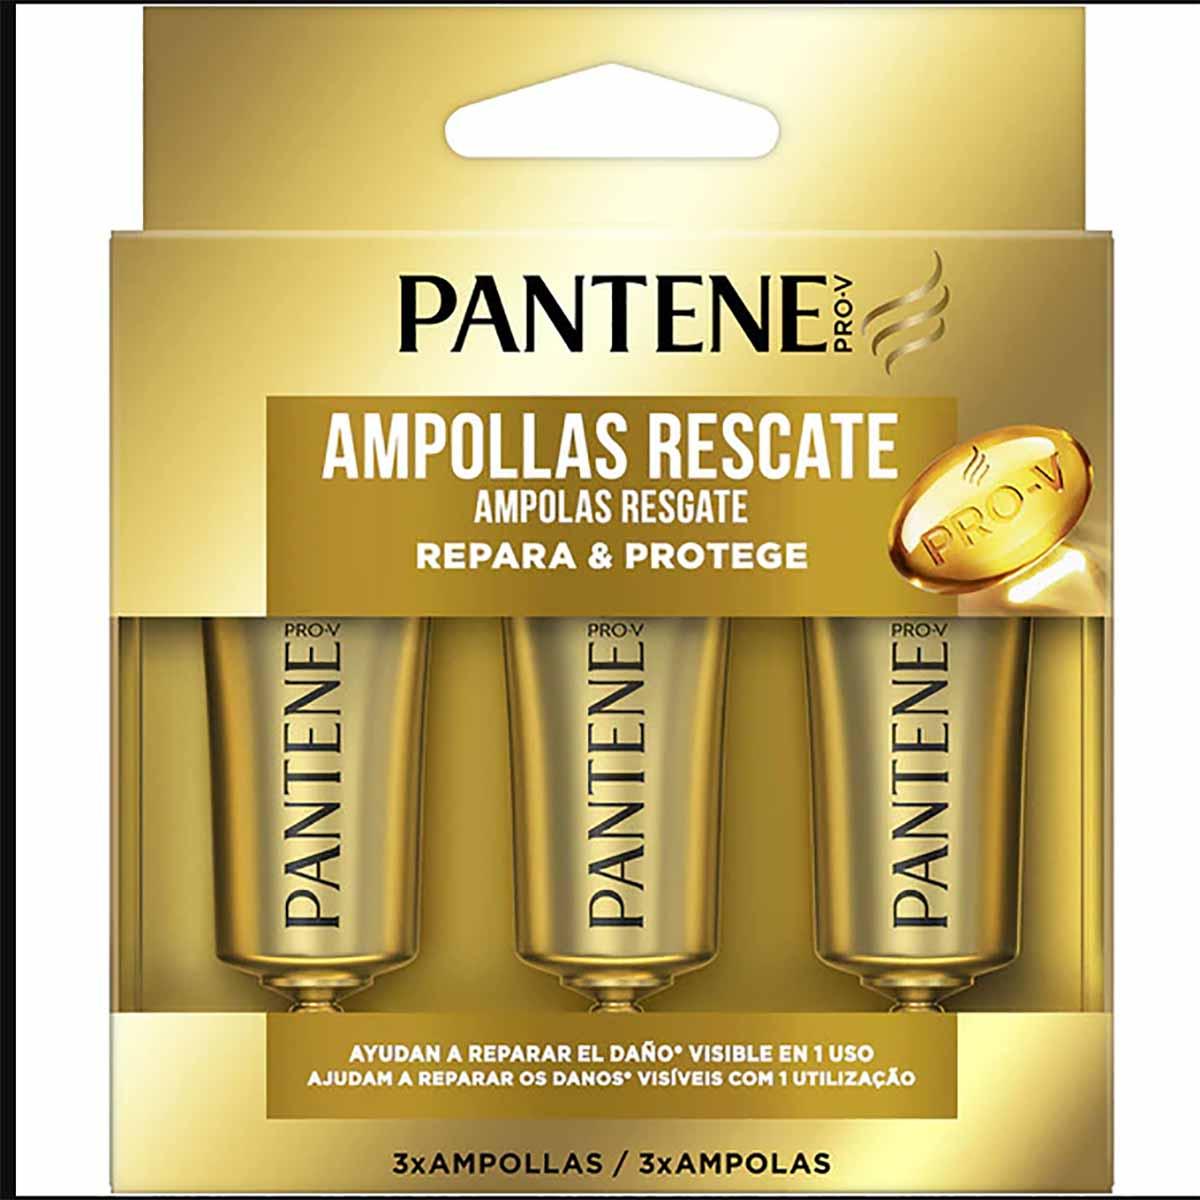 Ampollas rescate de Pantene 4,85 euros